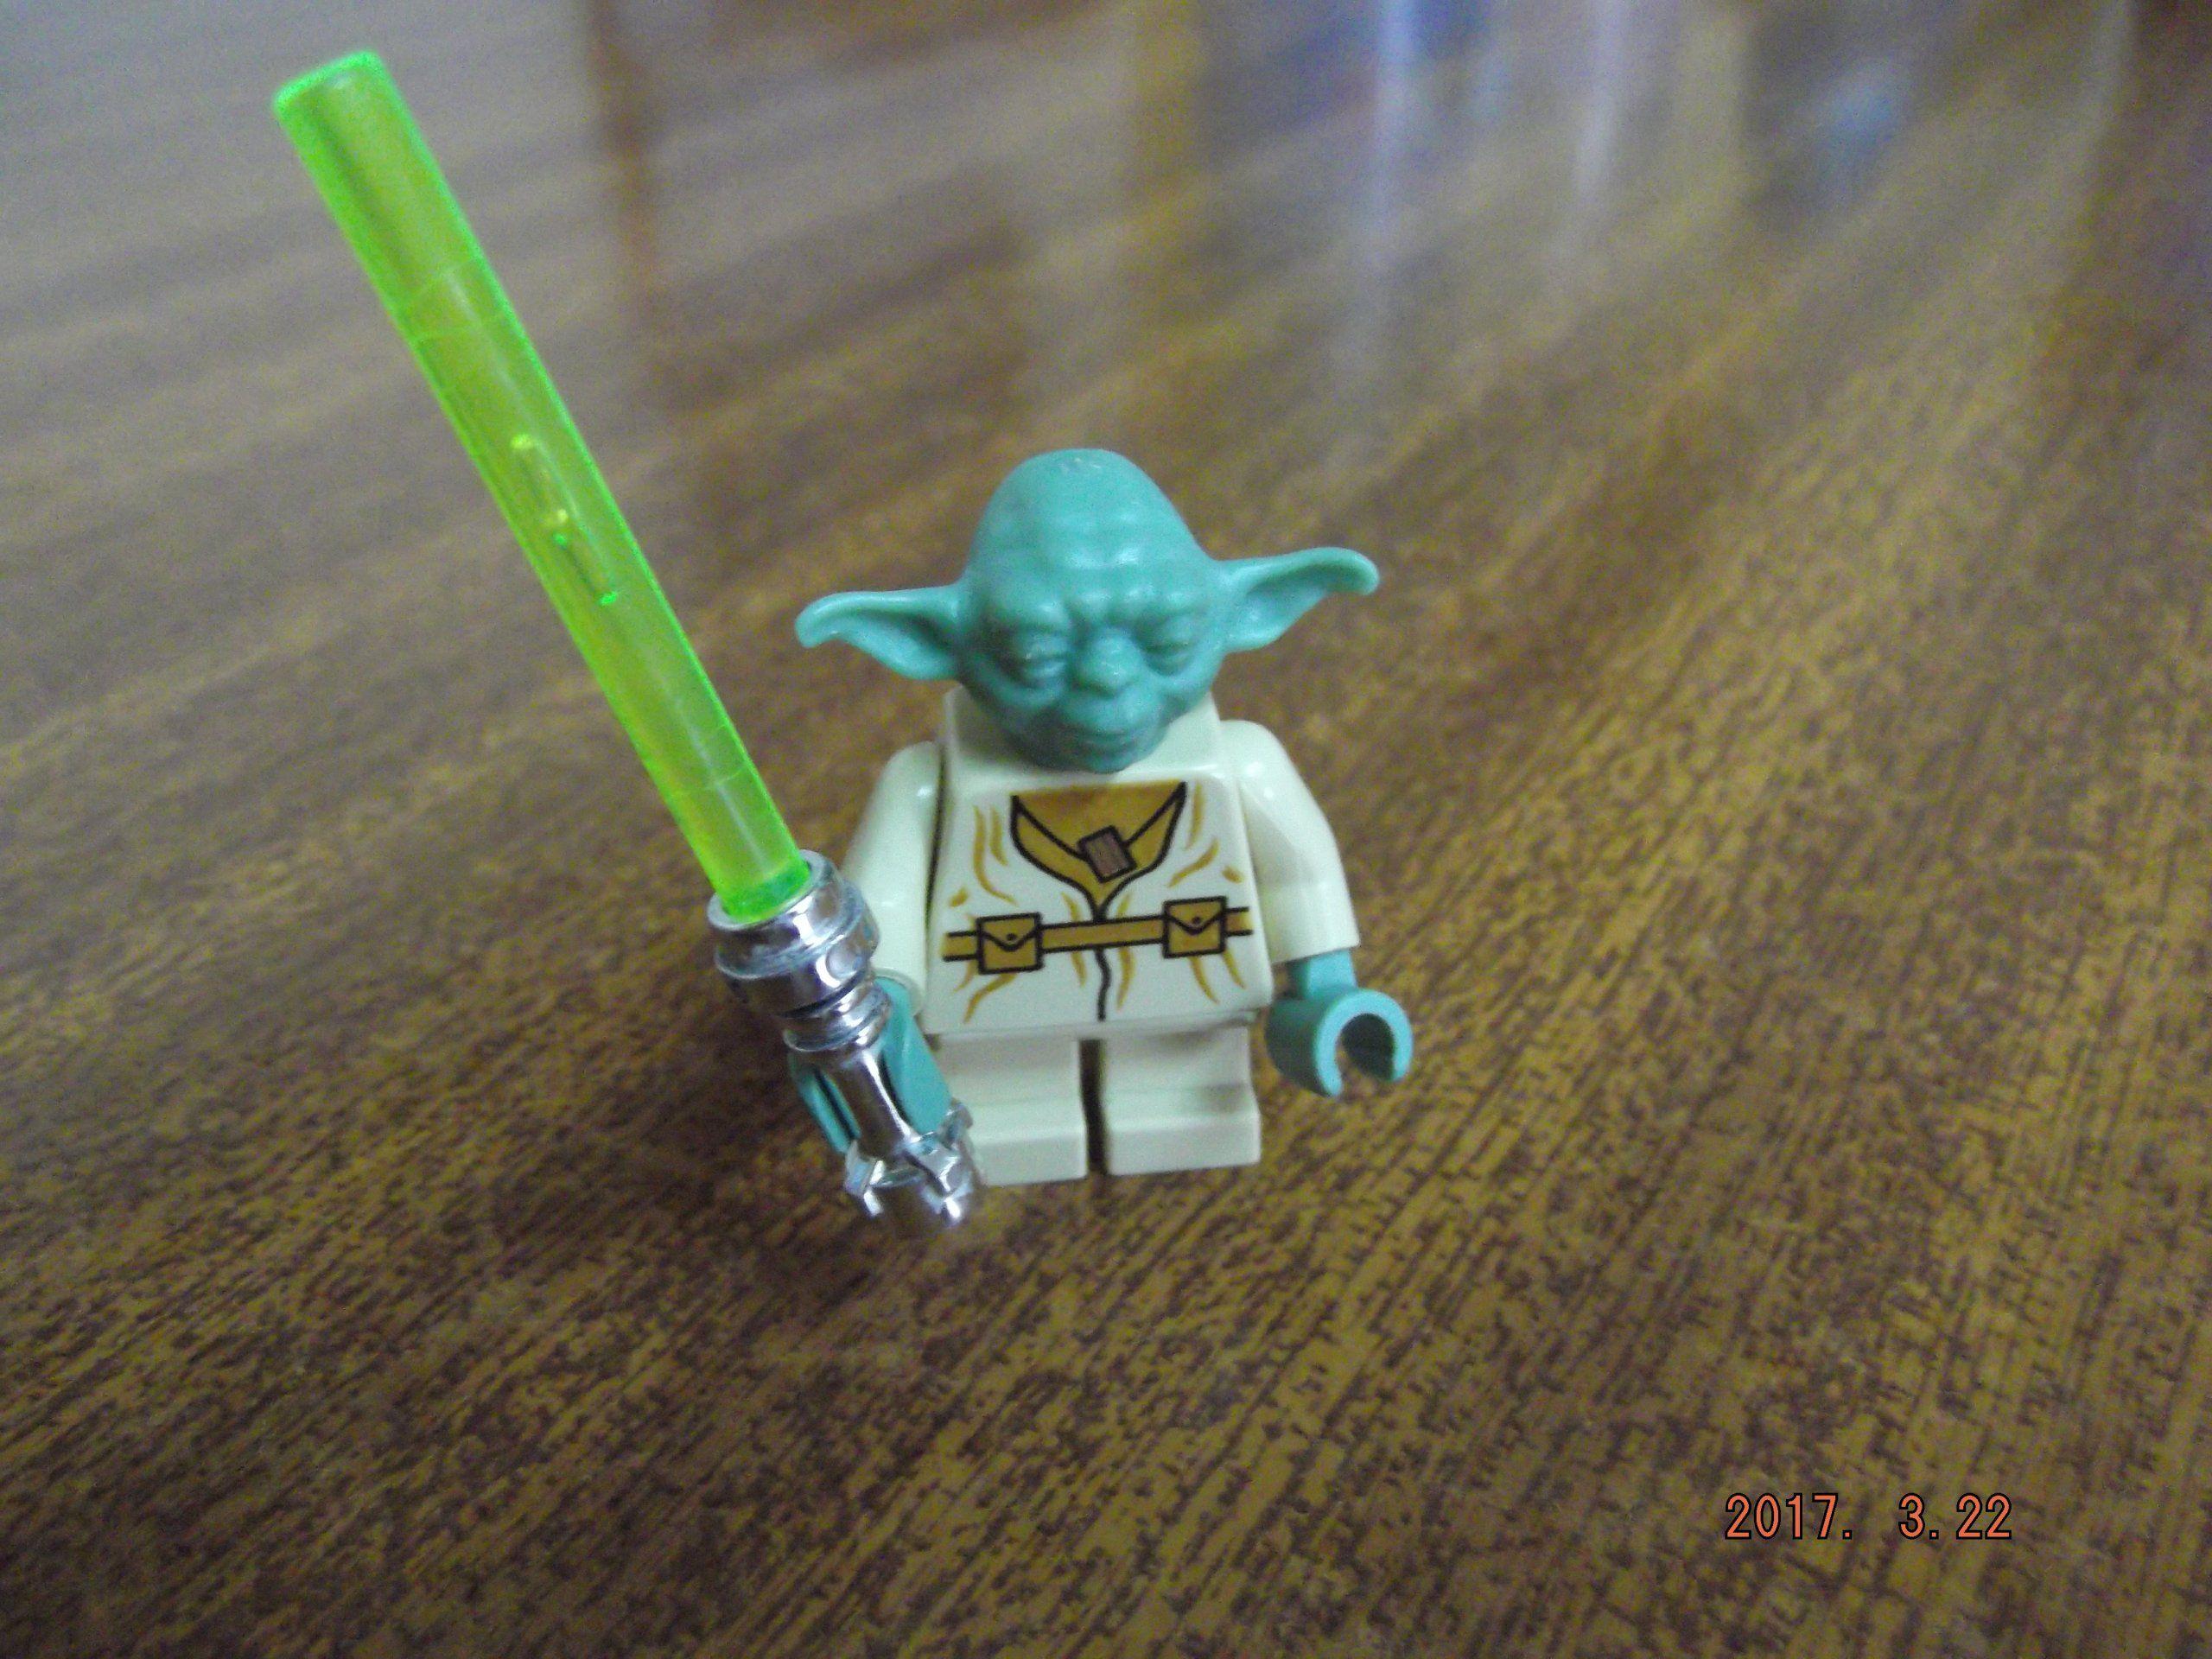 Mistrz Yoda Joda Lego Star Wars Oryginal 6761550522 Oficjalne Archiwum Allegro Lego Star Wars Lego Star Lego